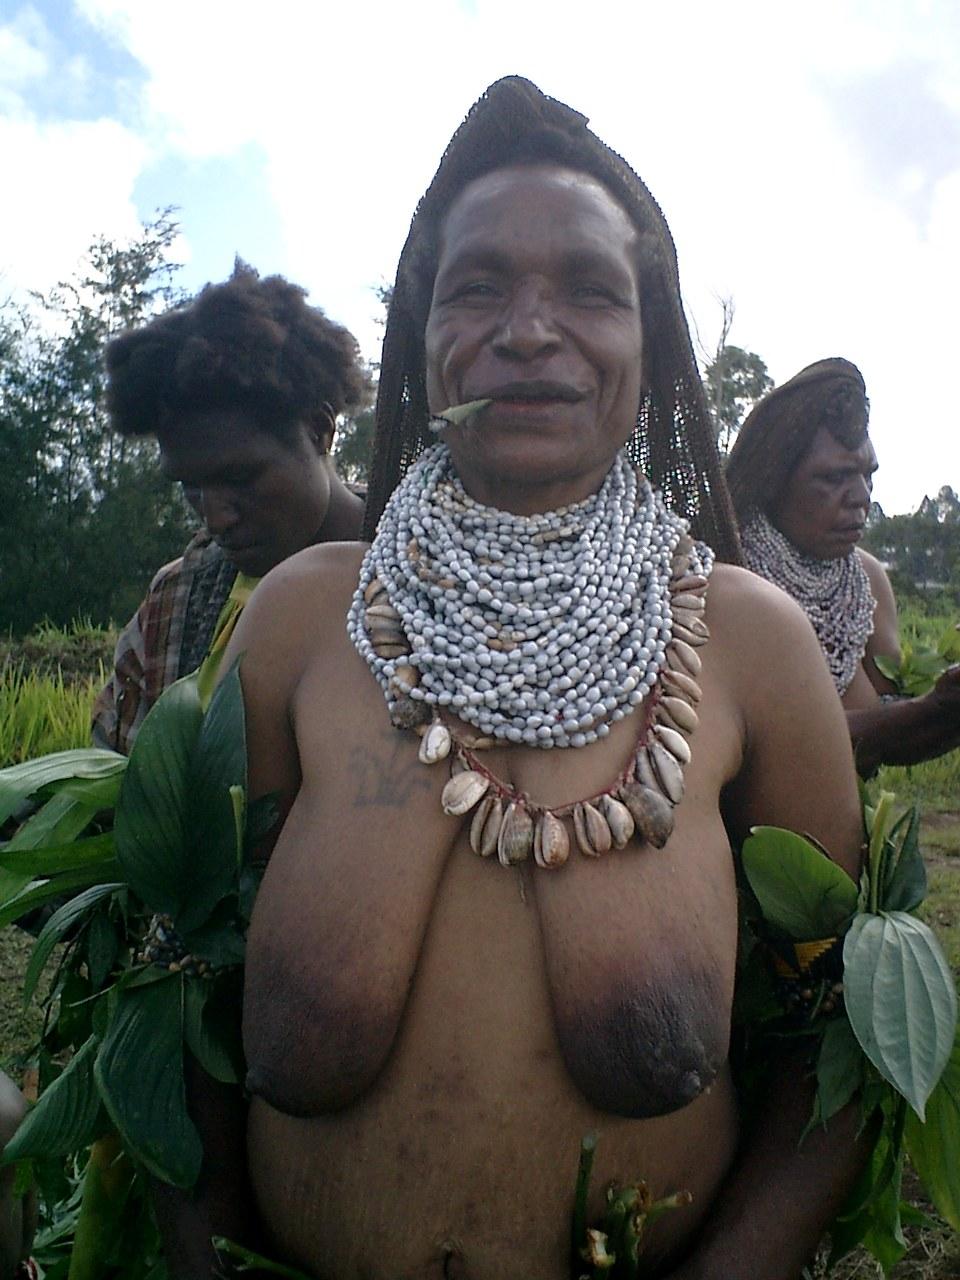 Страница 1 Фотографии обнаженных девушек, красивые большие груди, фото…